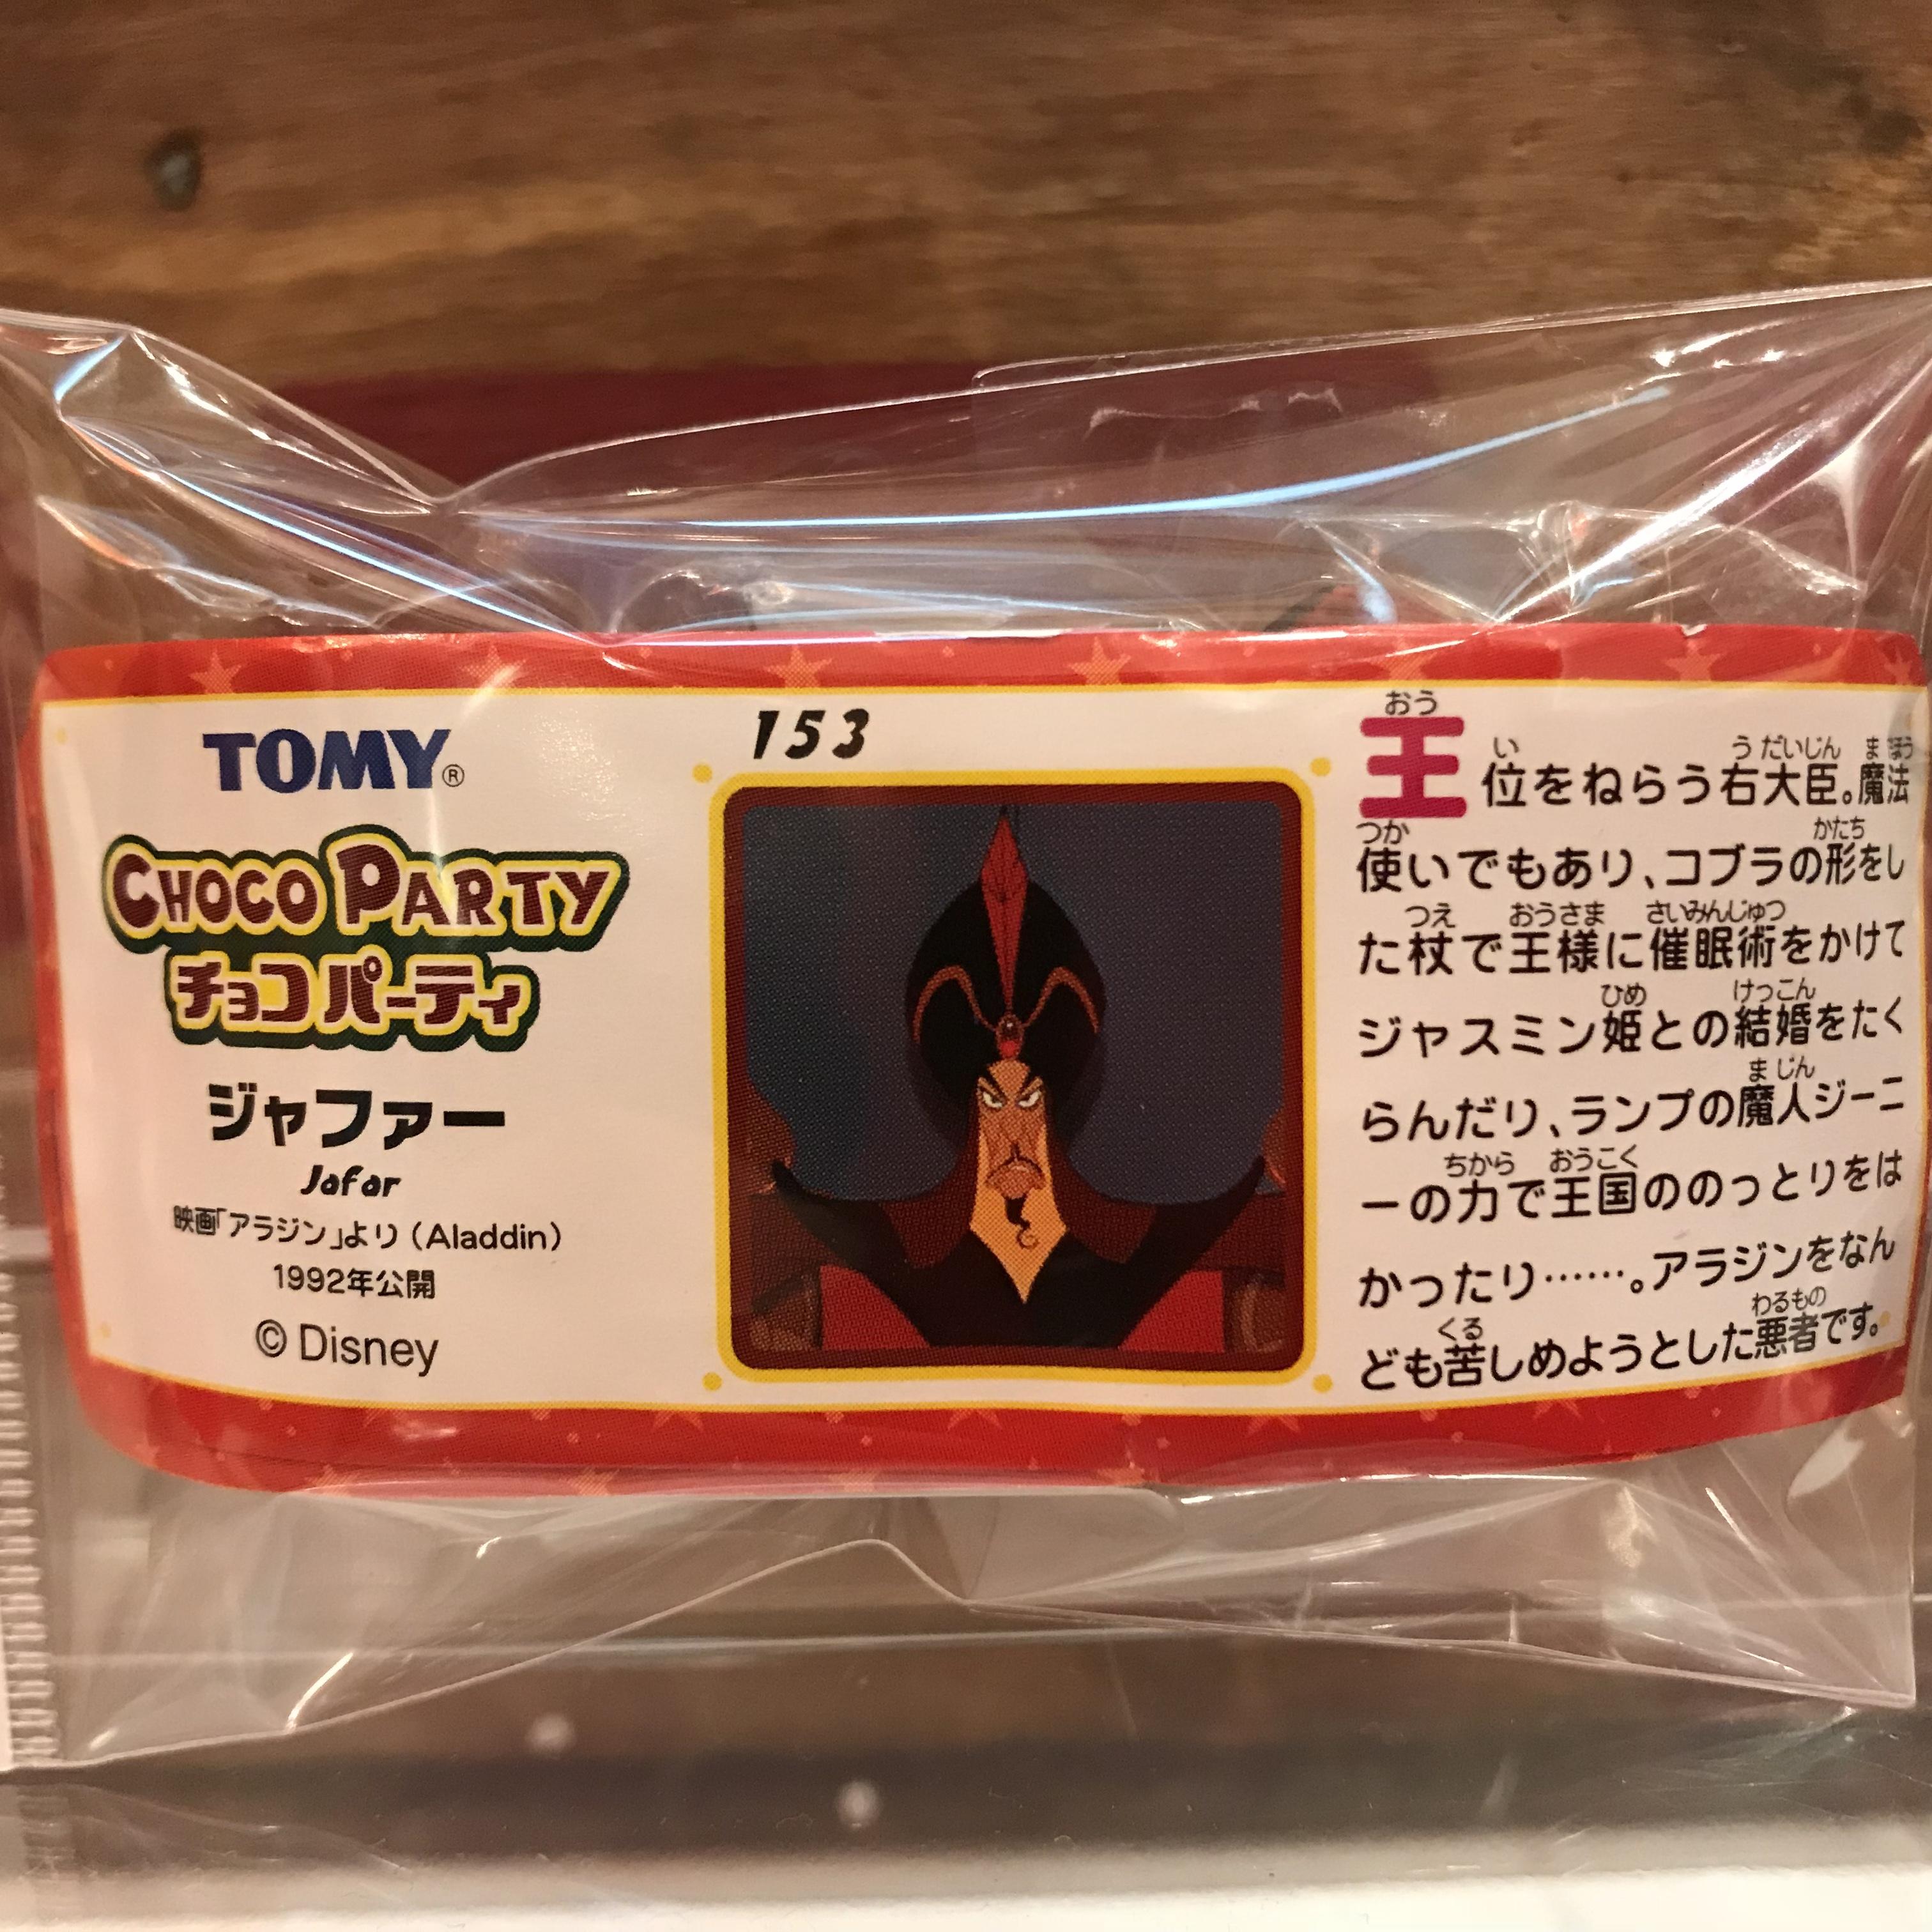 ディズニー チョコパーティ 153 ジャファー フィギュア 内袋未開封・ミニブック付 TOMY